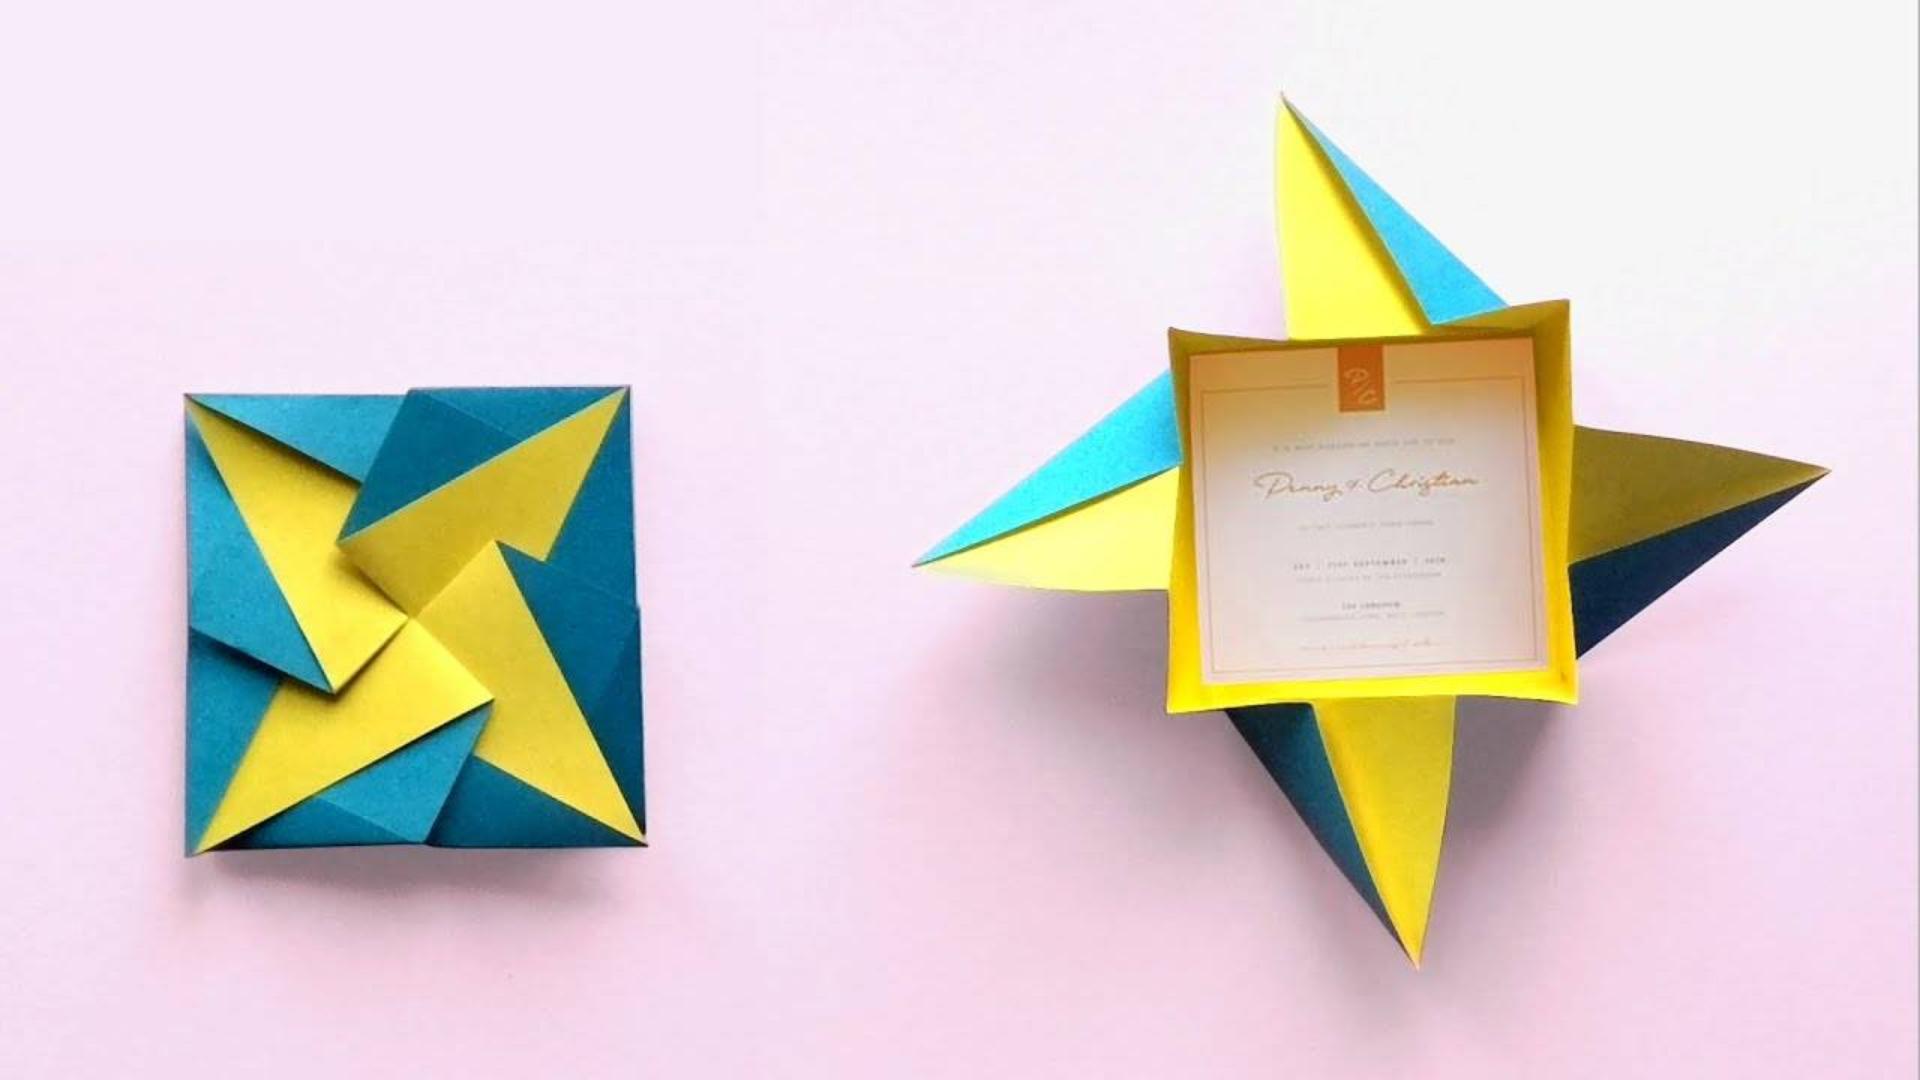 简单折纸一次性纸盒,原本是一张纸,打开就会变成纸盒,很实用!